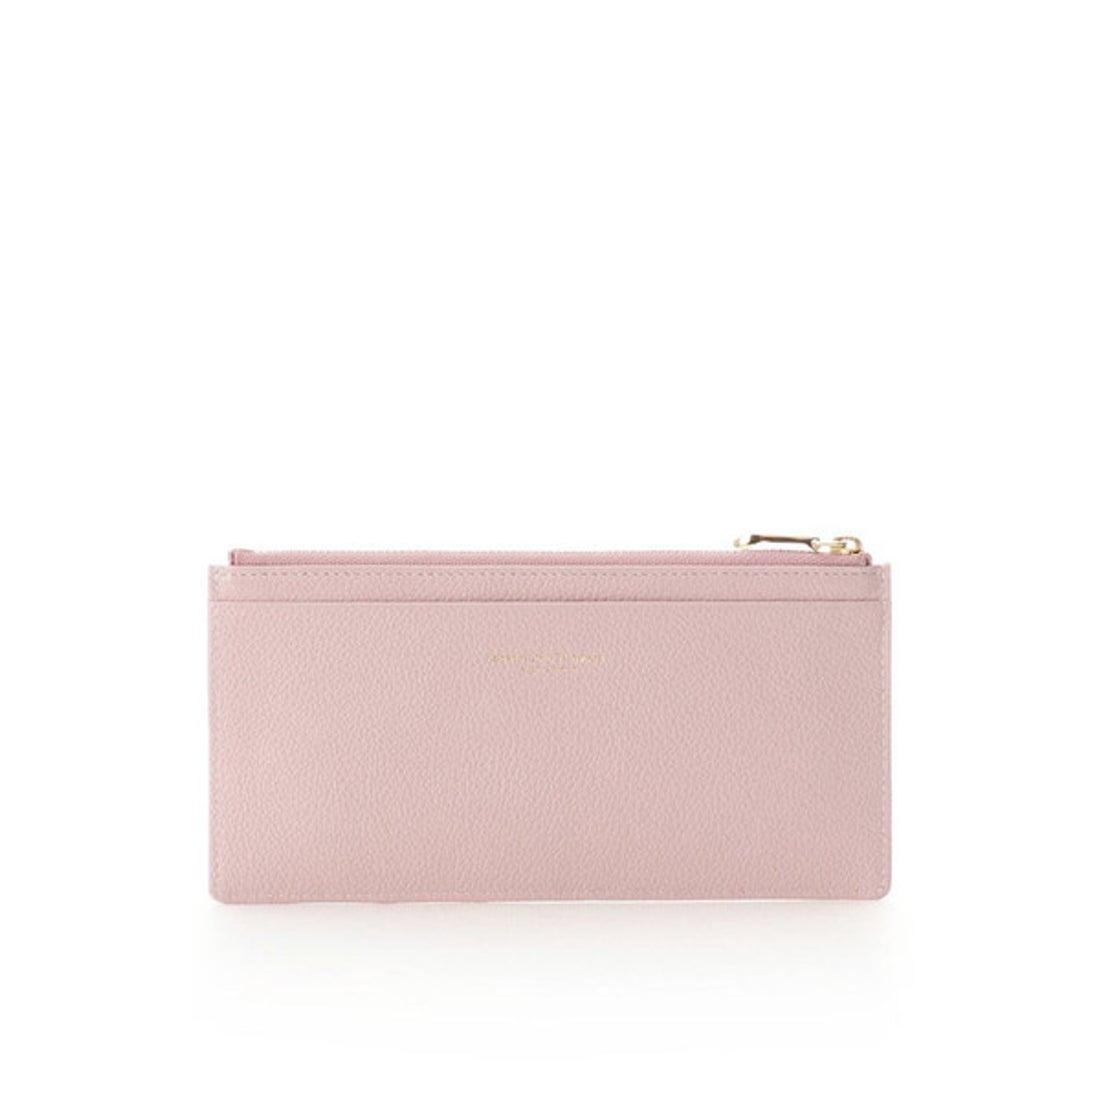 サマンサタバサプチチョイス Samantha Thavasa Petit Choice シンプルレザー 薄型カードケース (ピンク)